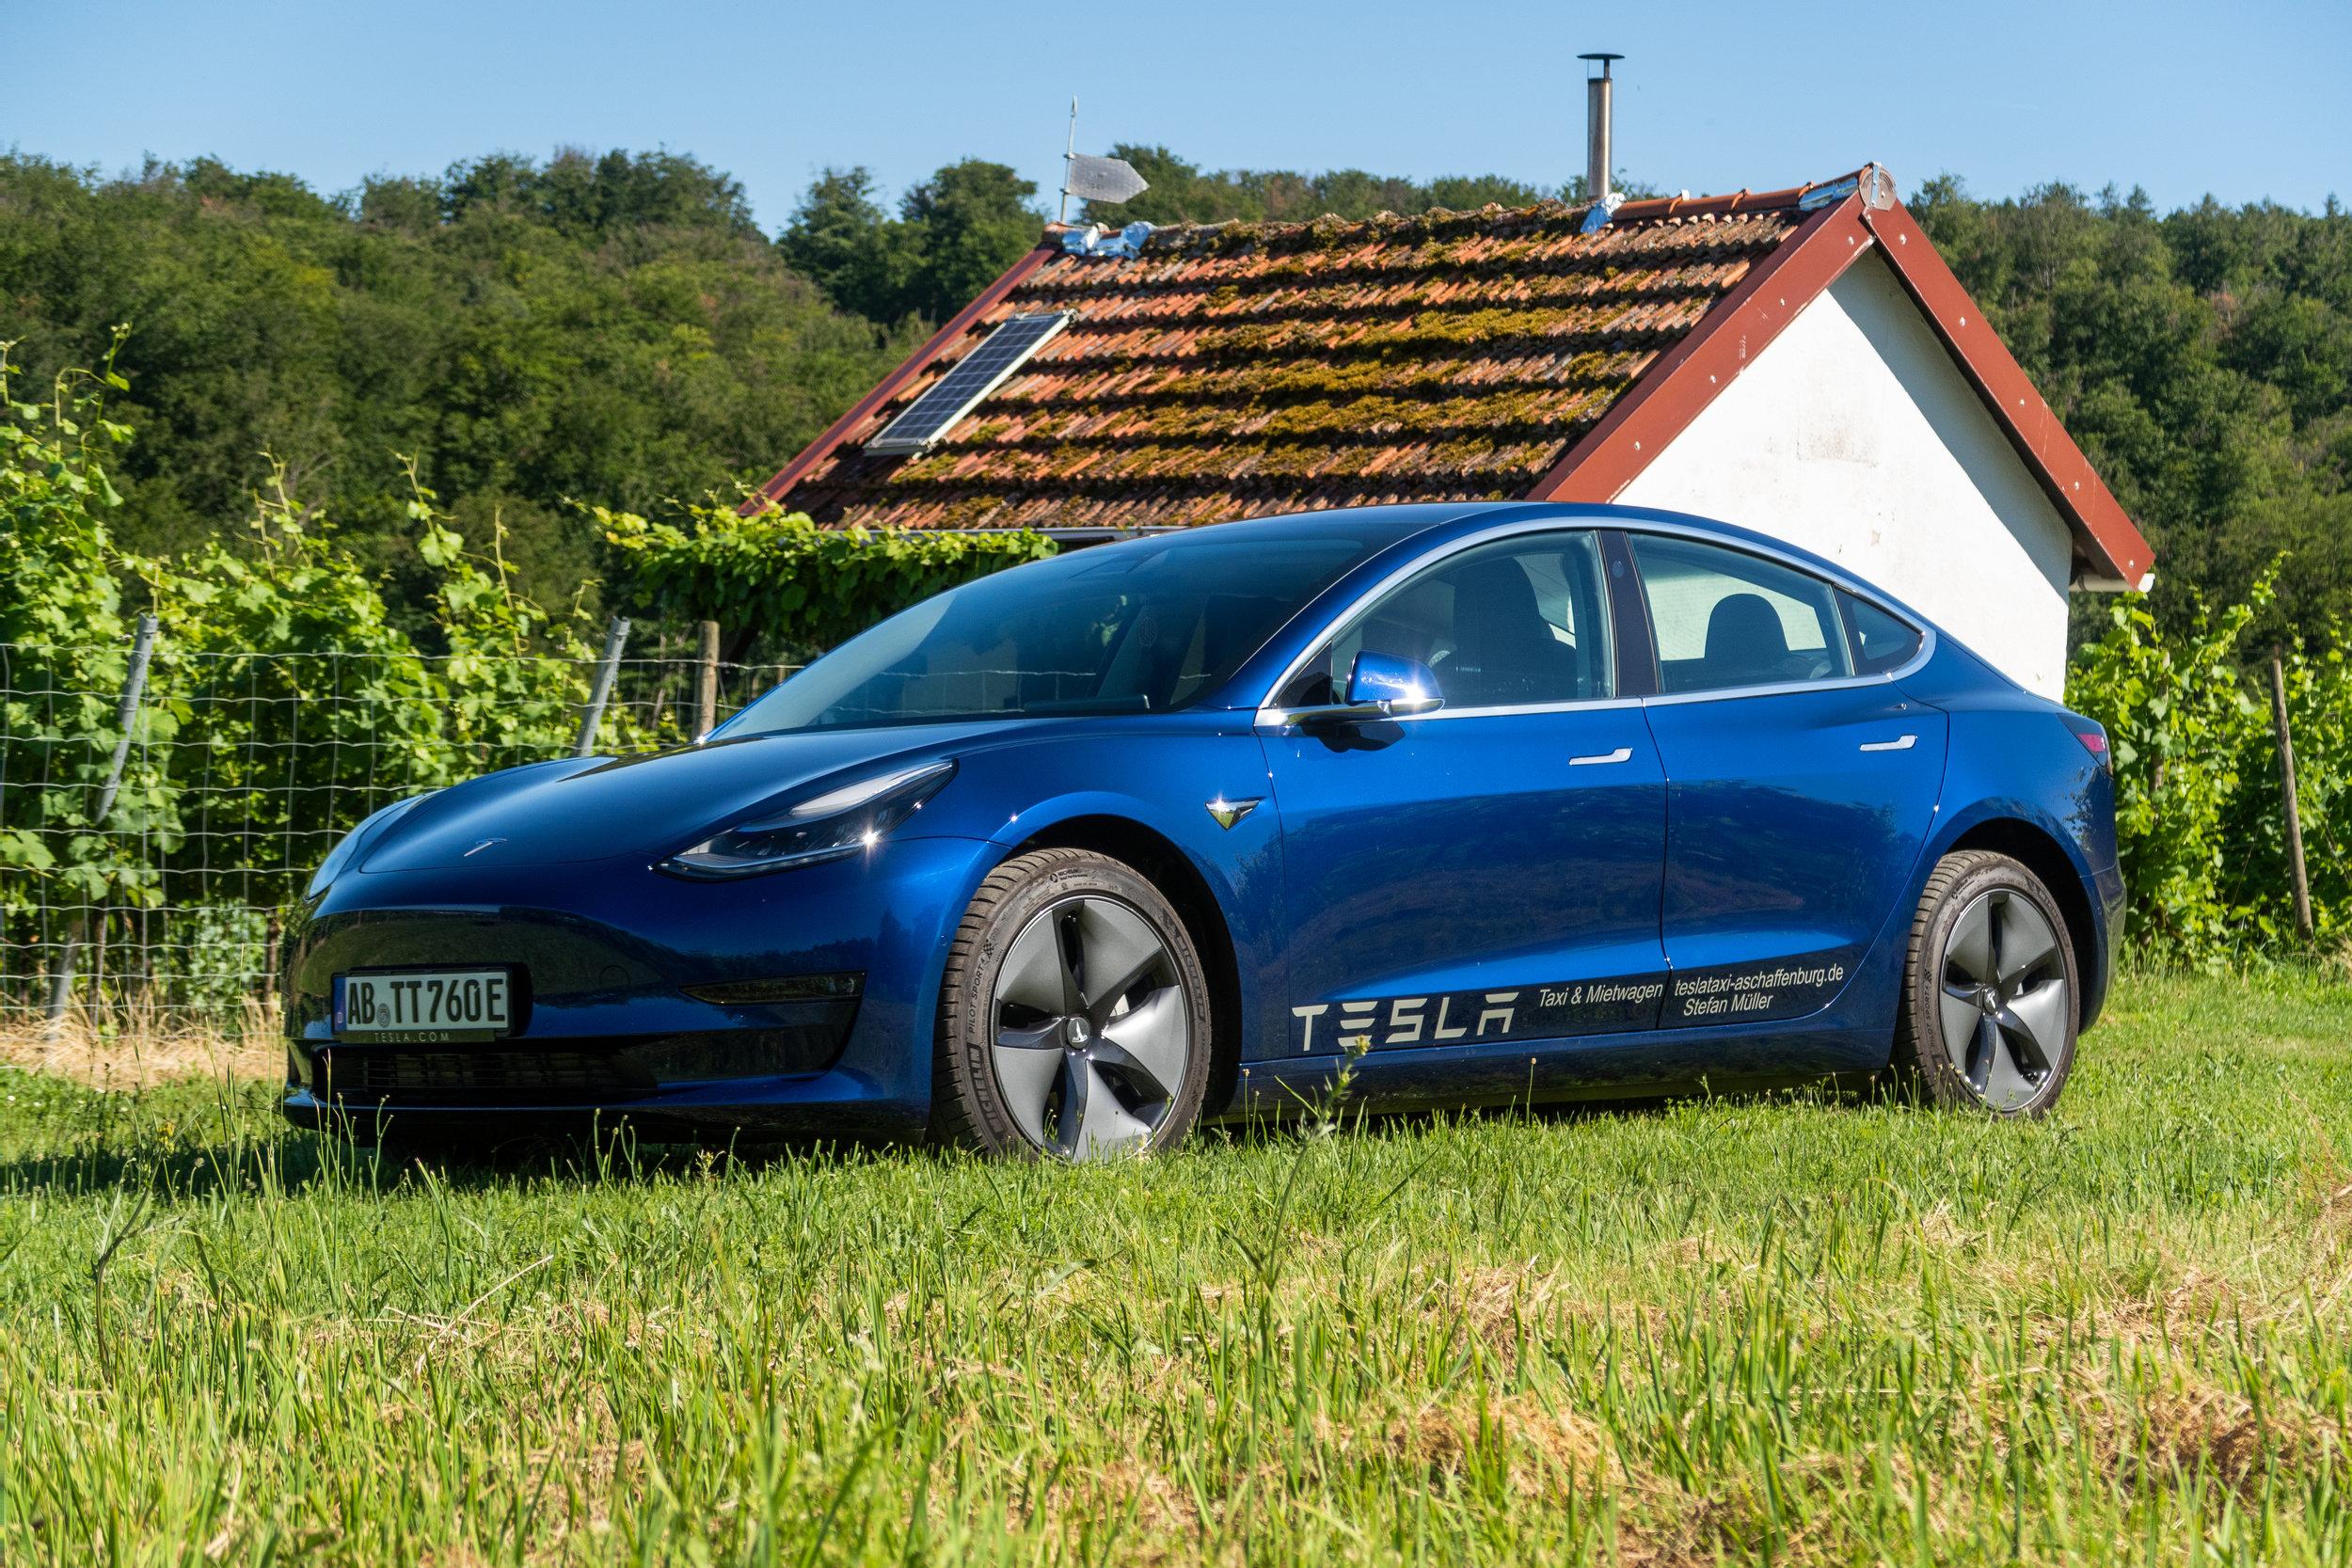 2019 - Model 3 - Um der erhöhten Kundennachfrage gerecht zu werden, durften wir 2019 einen Neuzugang in unserem Fuhrpark begrüßen, das Tesla Model 3. Es ist laut Euro NCAP zudem der sicherste PKW der Welt.